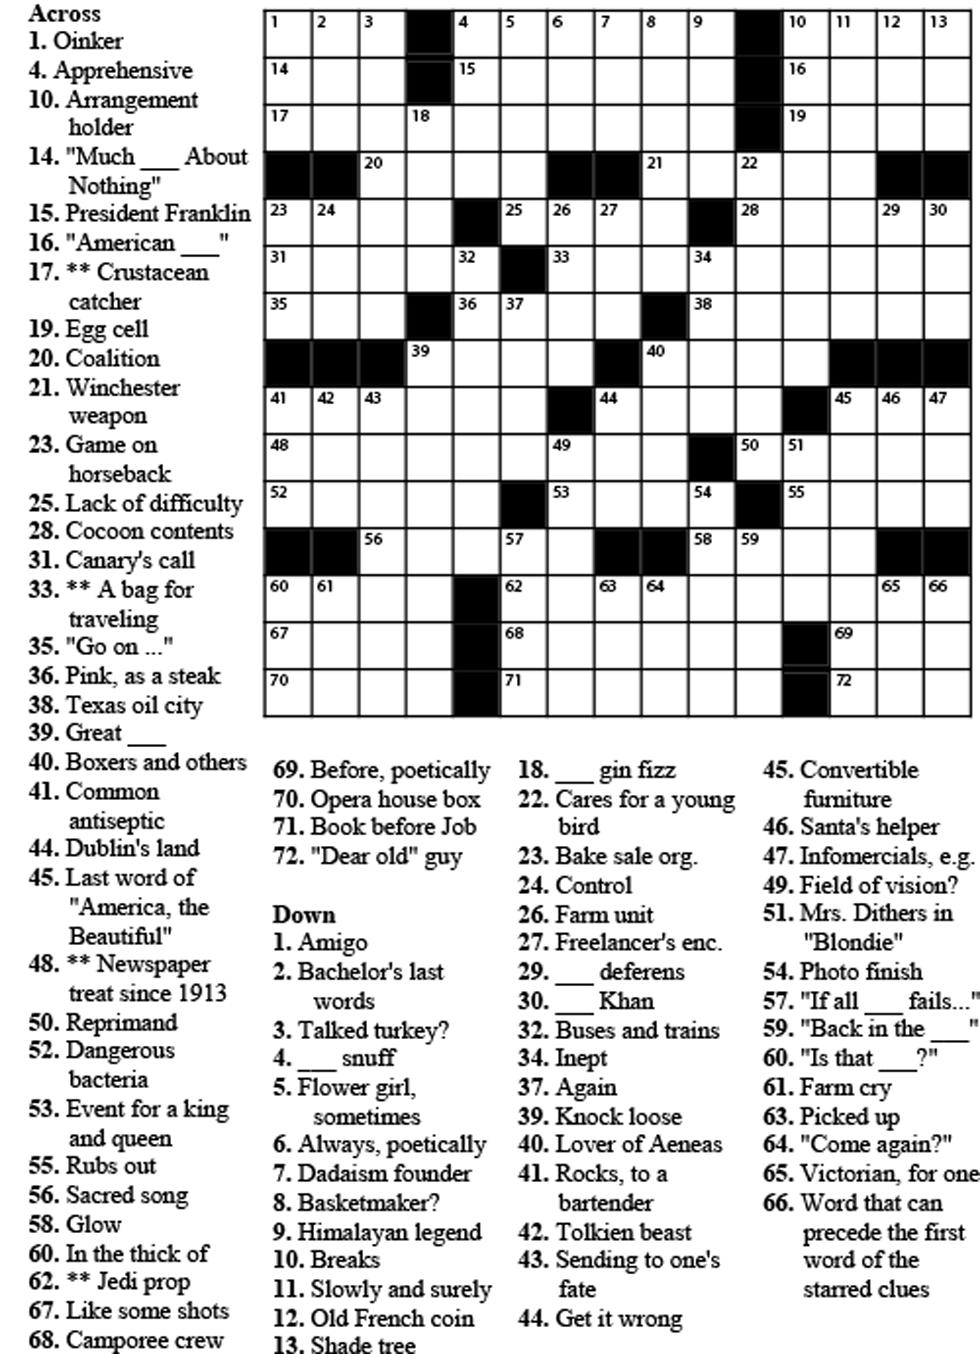 635-crossword.png